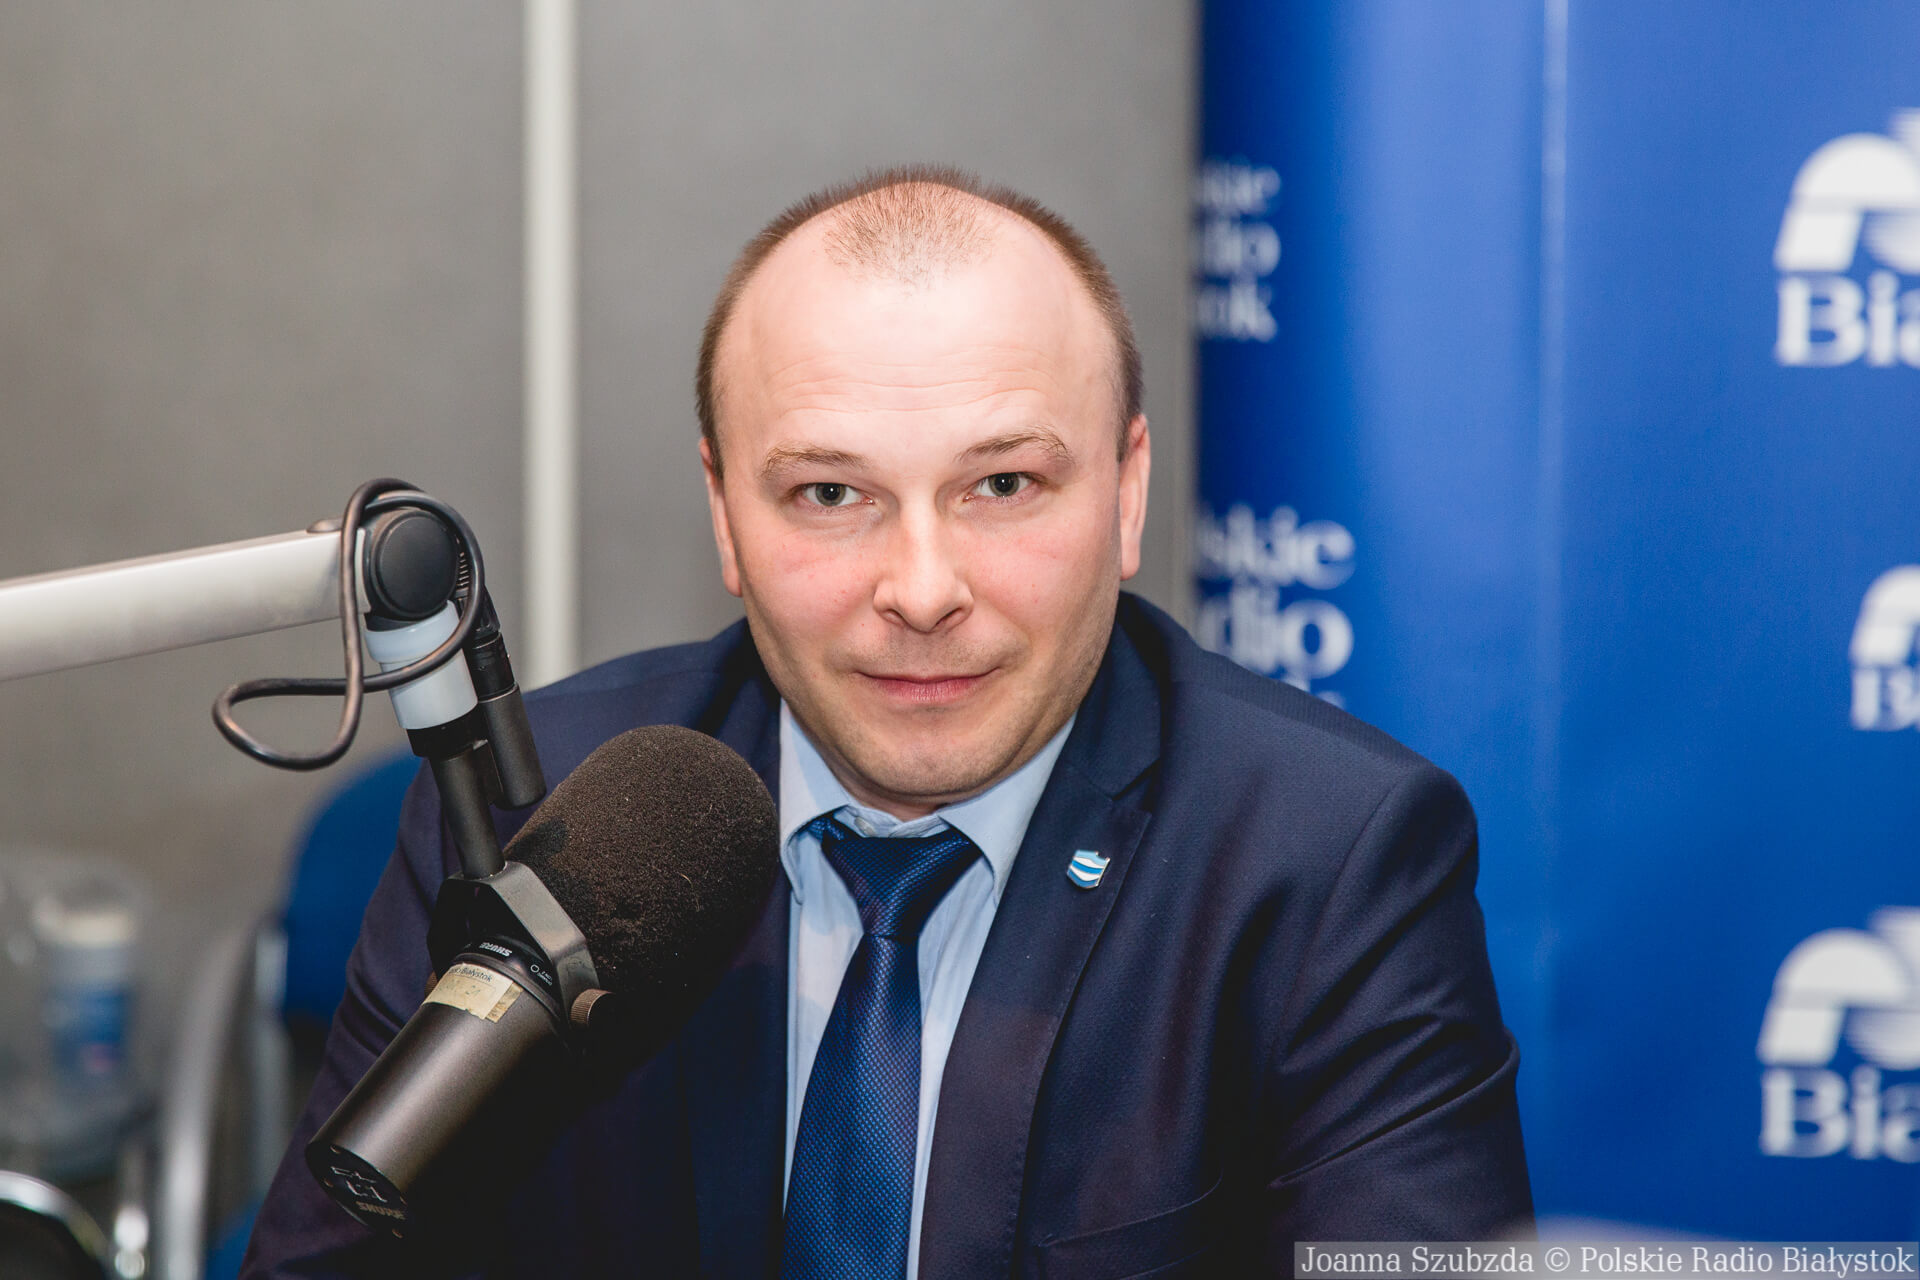 Marek Jadeszko, fot. Joanna Szubzda (archiwum)